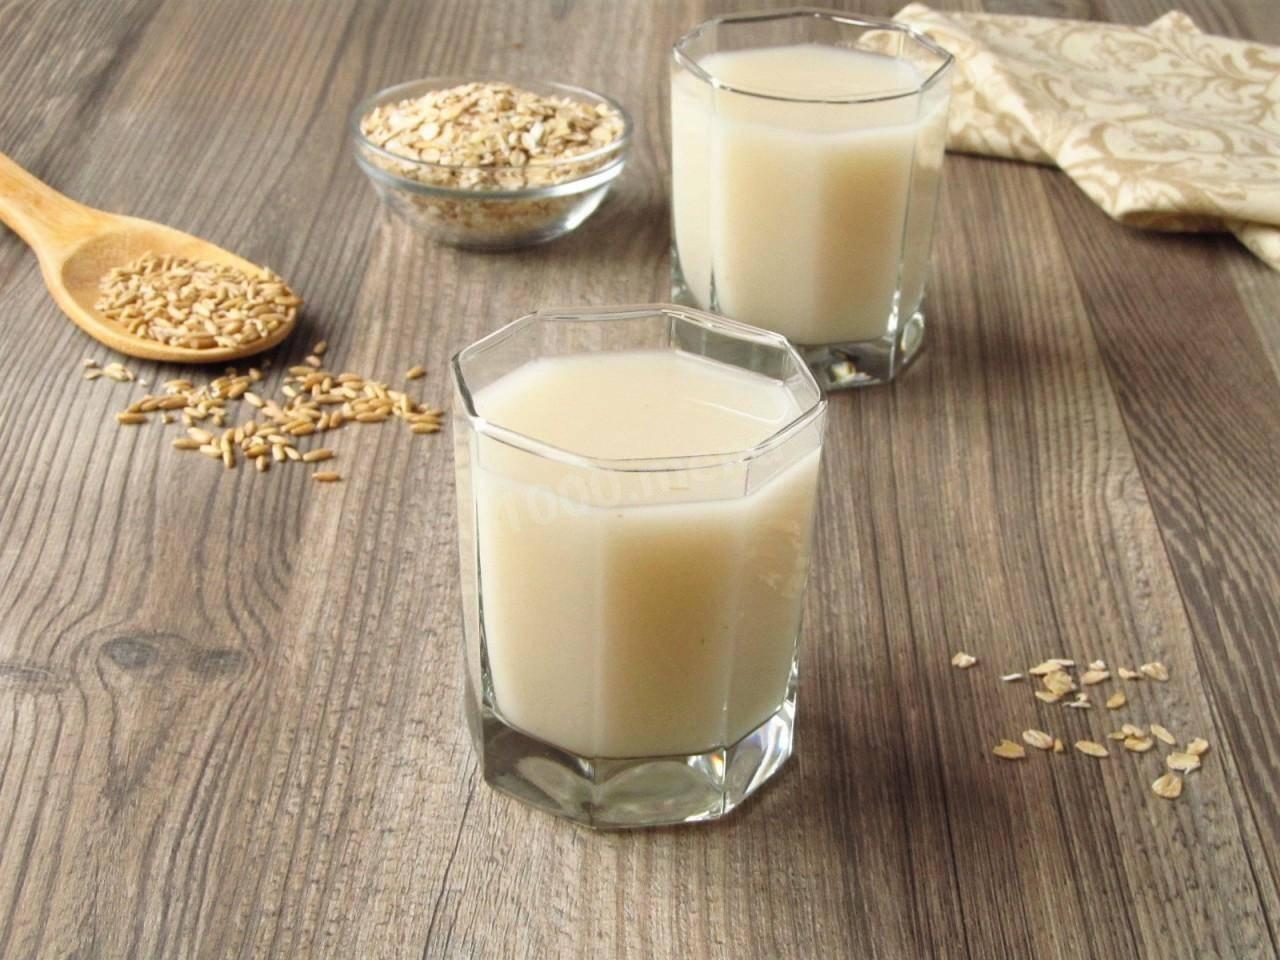 Панкреатит. овсяный кисель изотова пошаговый рецепт овсяный кисель изотова пошаговый рецепт